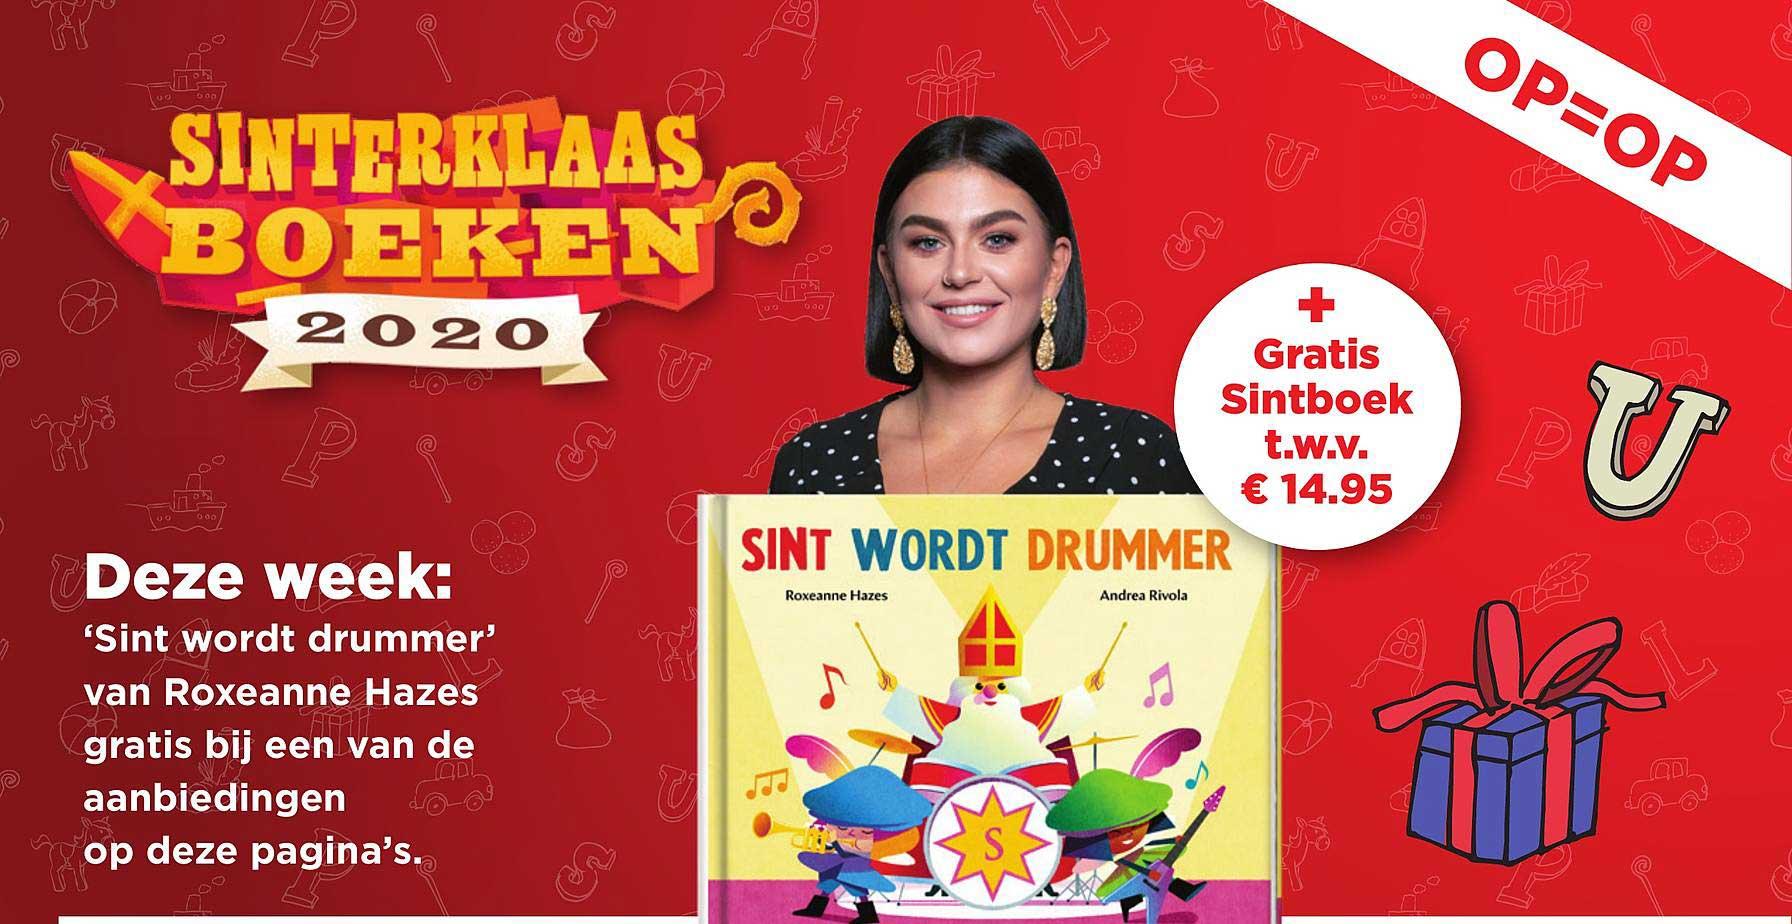 PLUS Sinterklaasboeken 2020